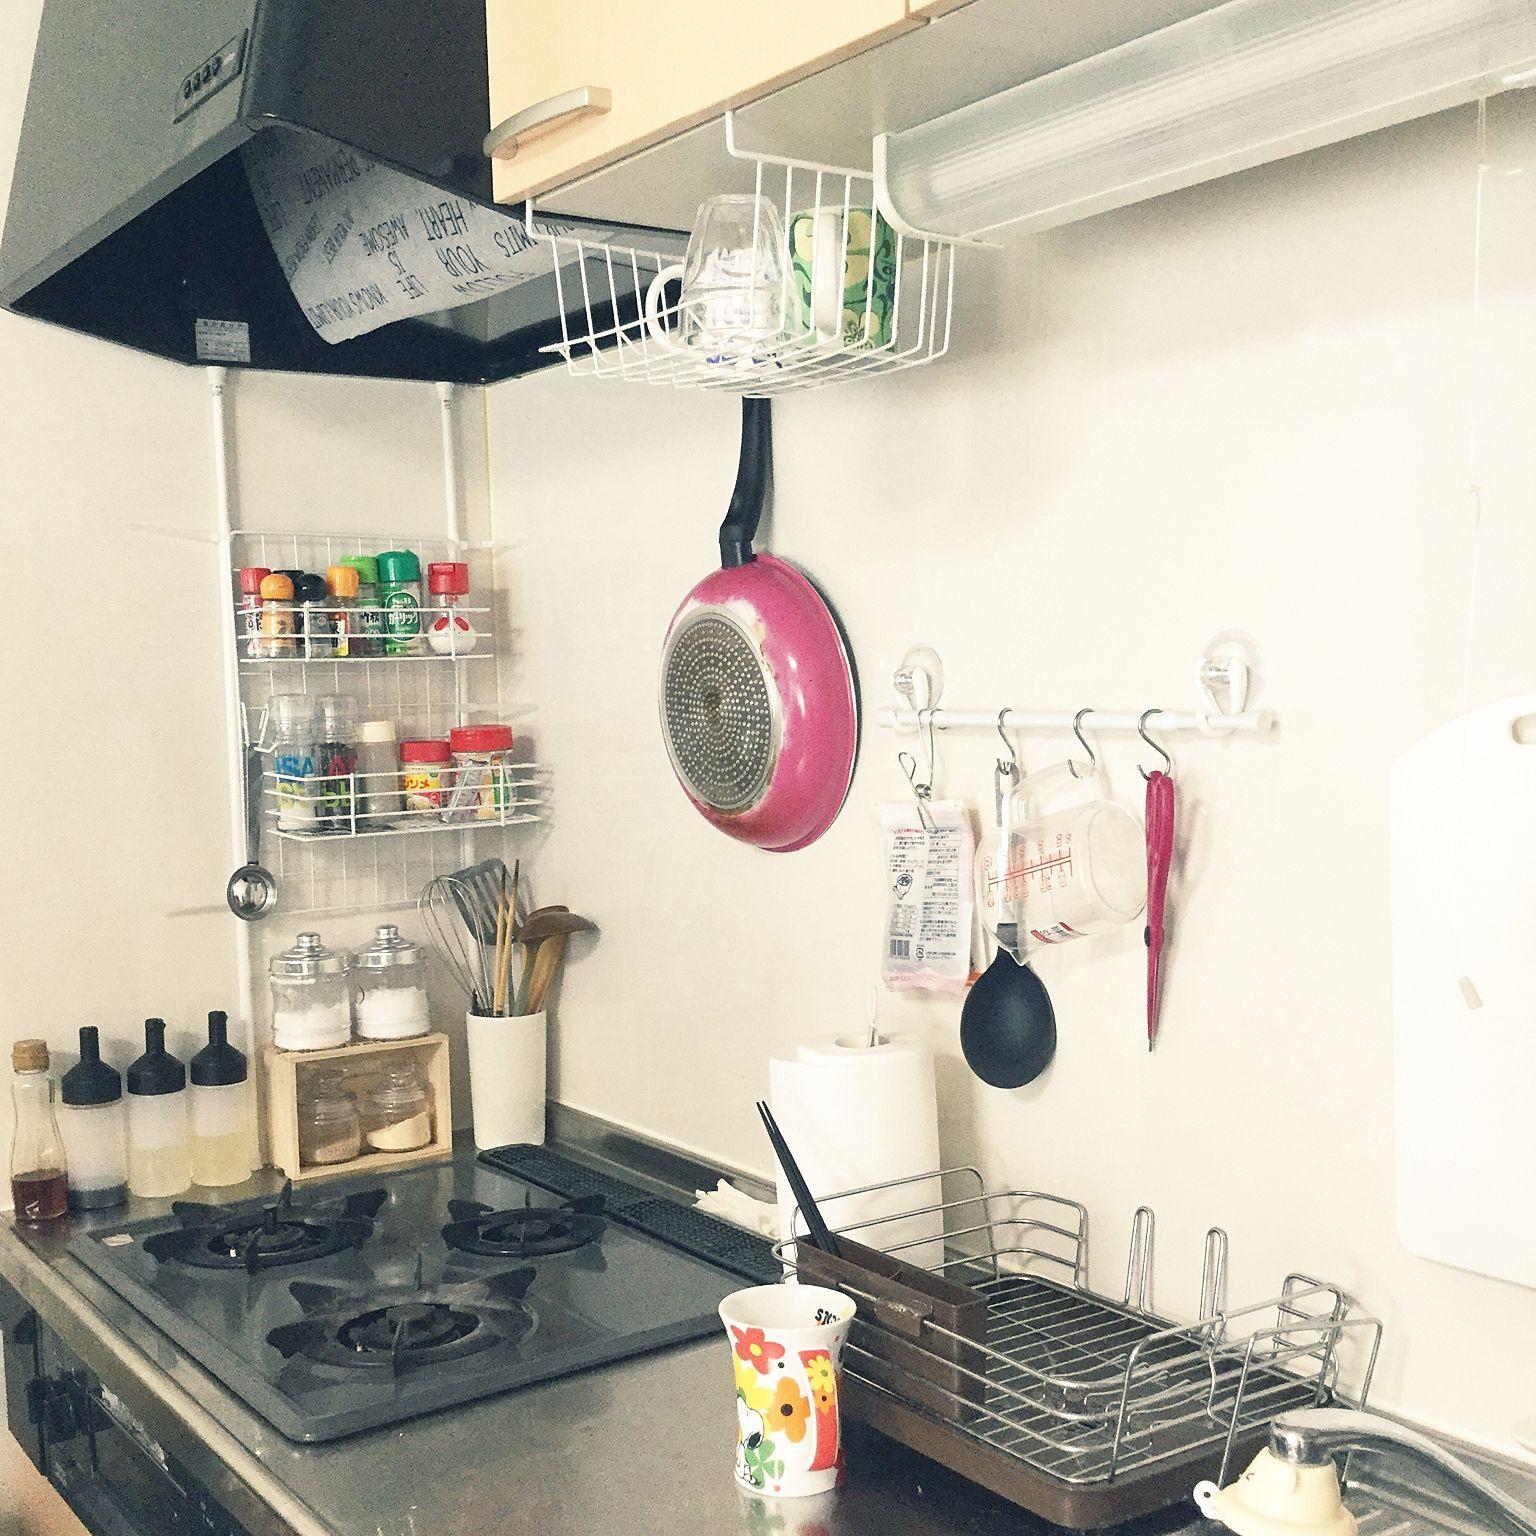 キッチン 無印良品 100均 つっぱり棒 調味料ラック などのインテリア